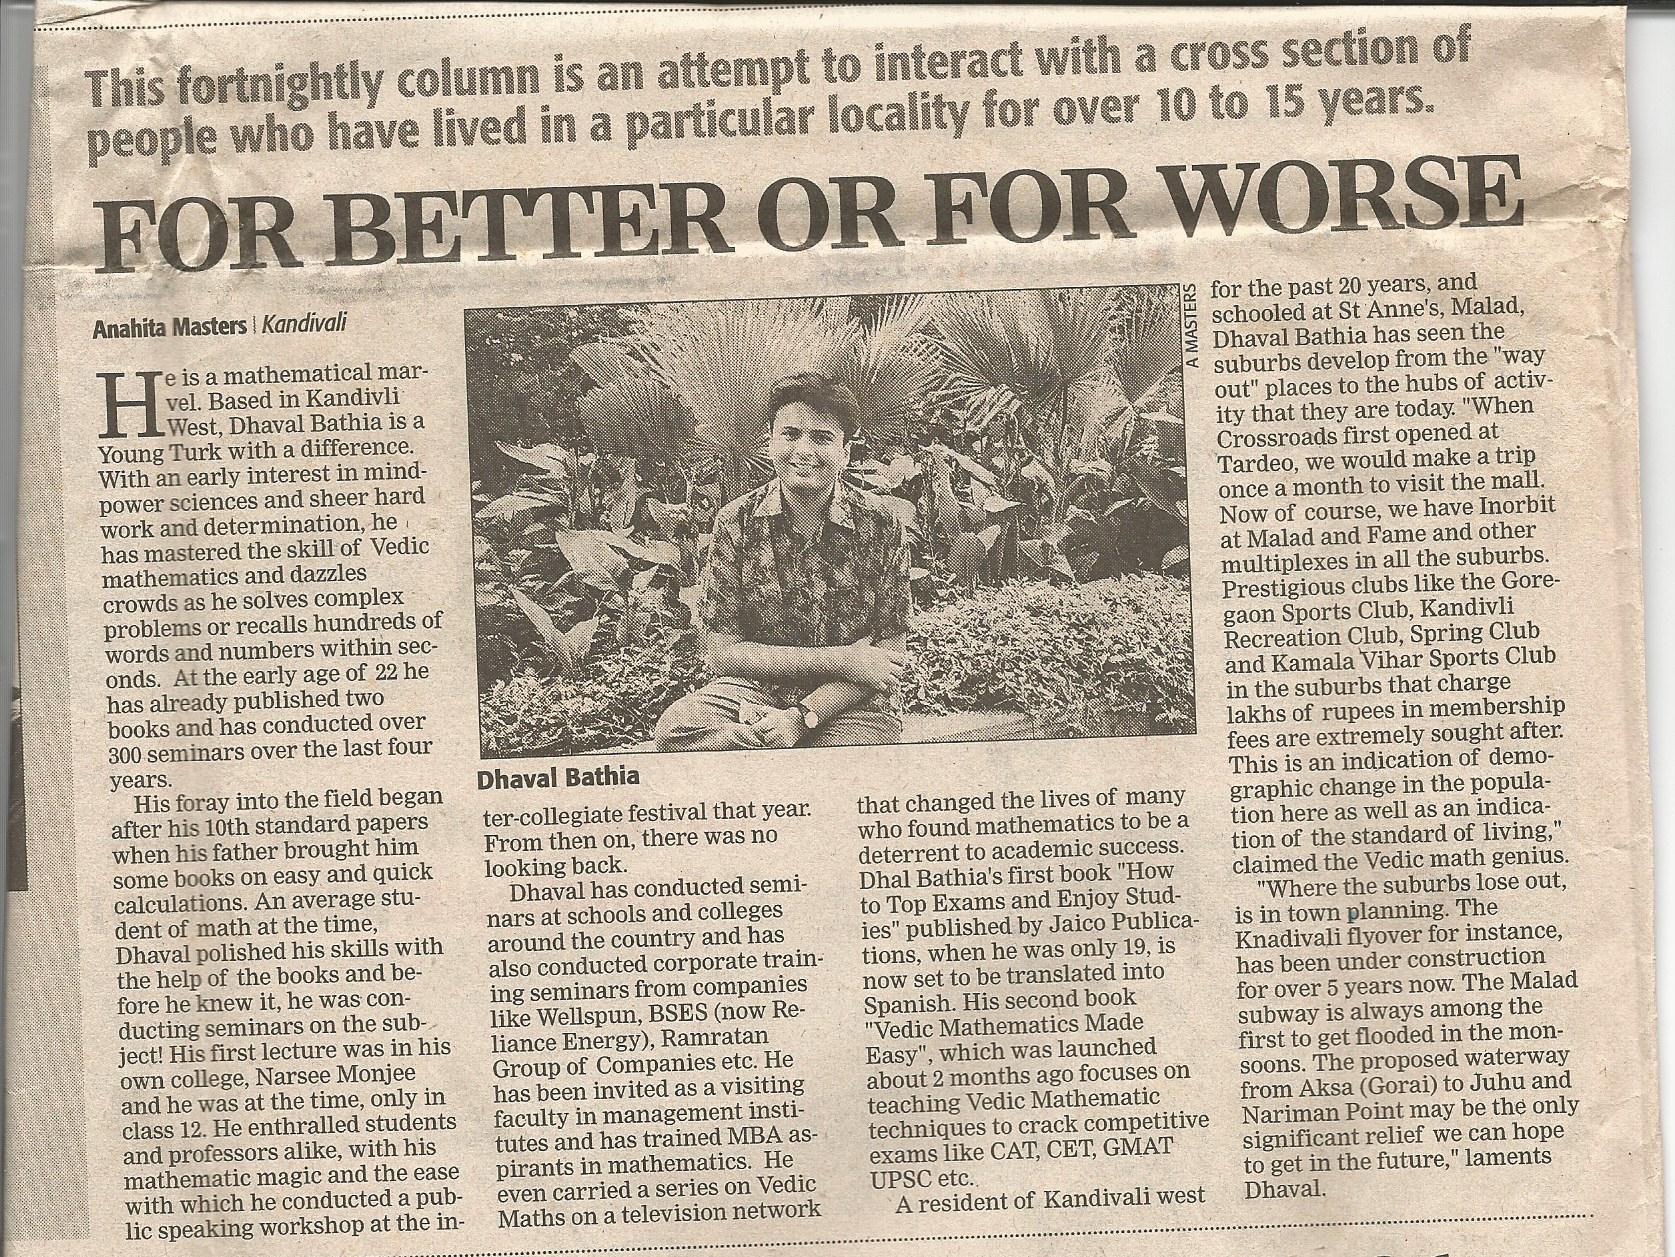 Mumbai Newsline